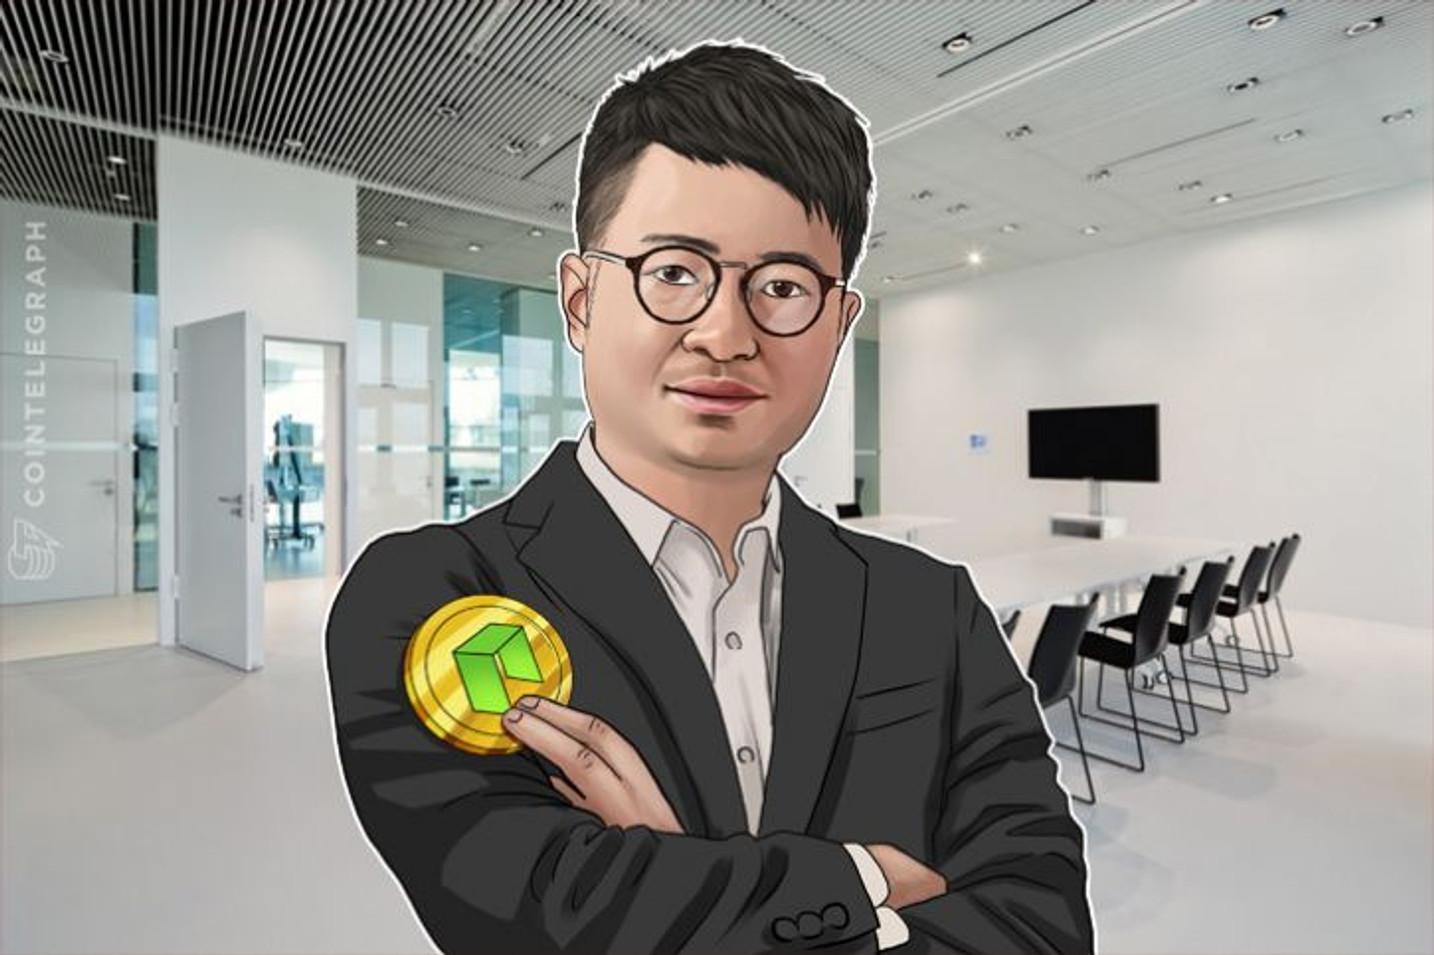 Intercambio Bitcoin, Bitfinex, agrega NEO, el precio sube mientras China indica que la historia de las ICO no ha terminado